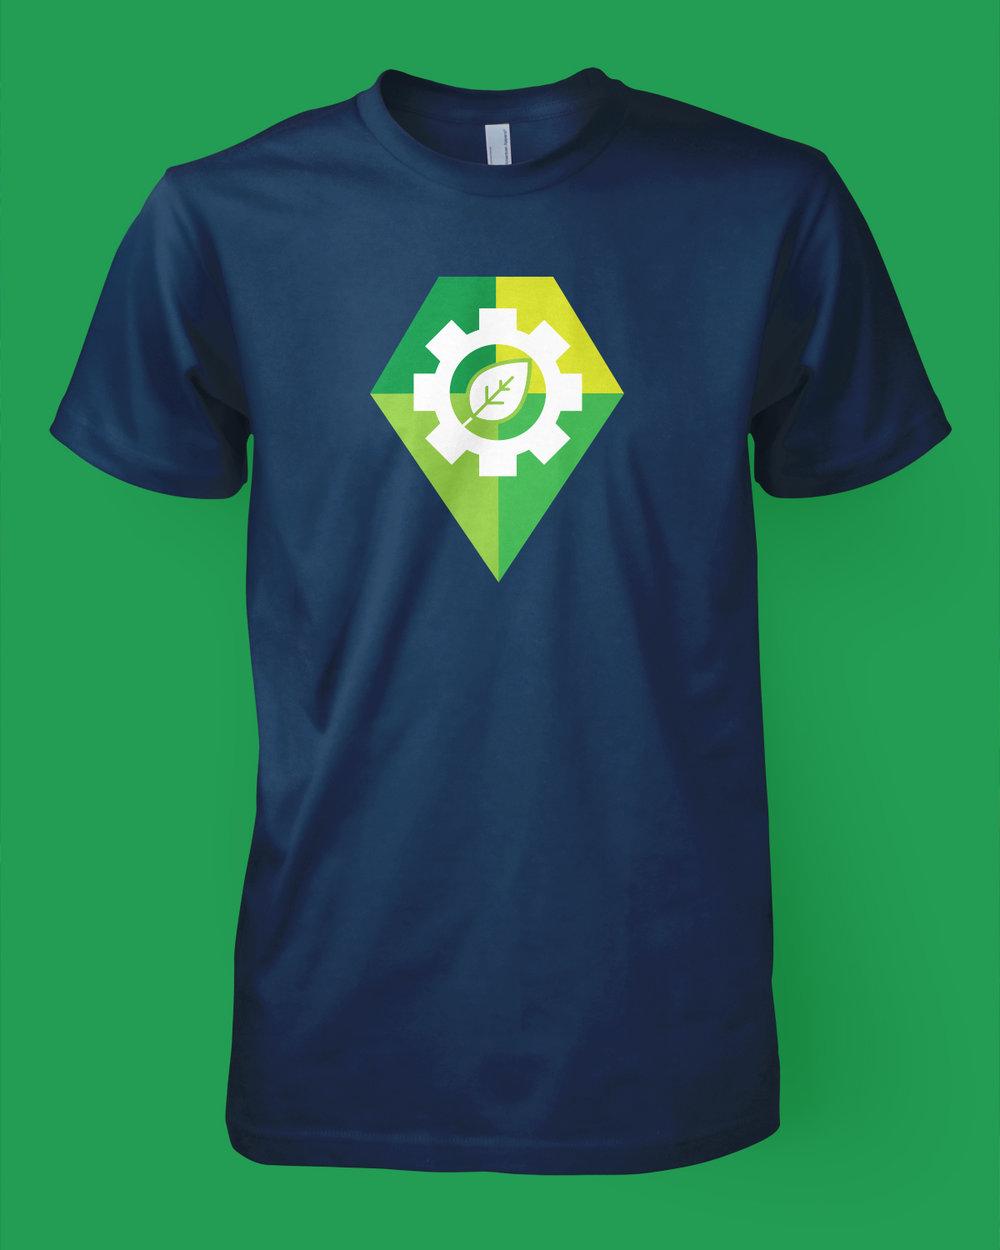 KITE_Shirt.jpg